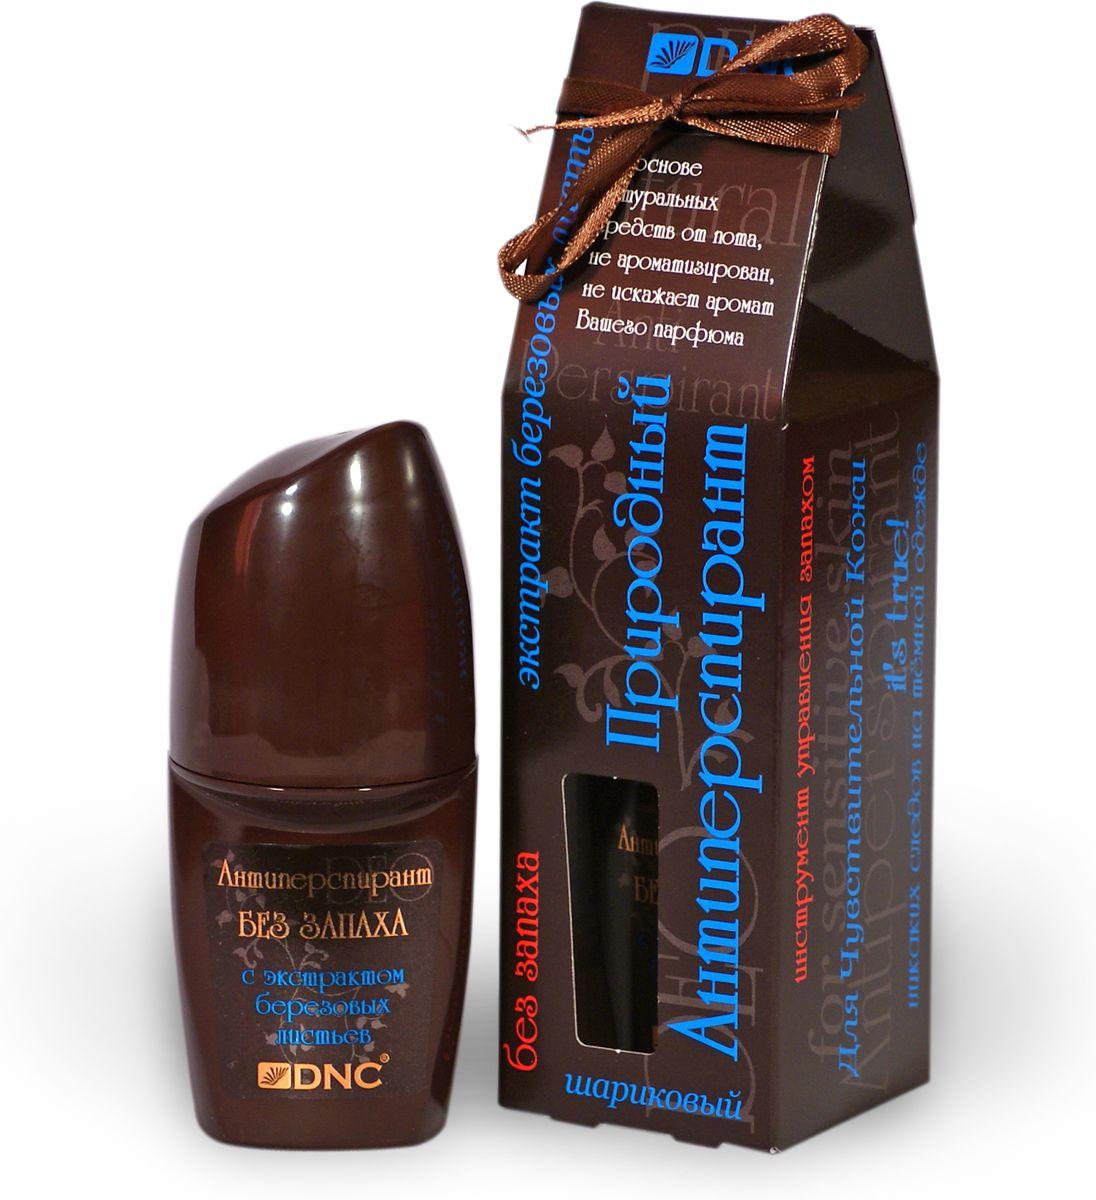 DNC Дезодорант шариковый Экстракт березовых листьев, для чувствительной кожи, без запаха, 50 млSatin Hair 7 BR730MNДезодорант без запаха Экстракт березовых листьев предназначен для чувствительной кожи. Уменьшает выделение пота и препятствует появлению влажных пятен. Исключает возникновение запаха пота в течение 24 часов. Деликатно и действенно - на основе природных компонентов. Легко наносится и быстро высыхает, не оставляя следов на коже. Не содержит парфюмерных отдушек. Характеристики:Объем: 50 мл. Производитель: Россия. Товар сертифицирован.